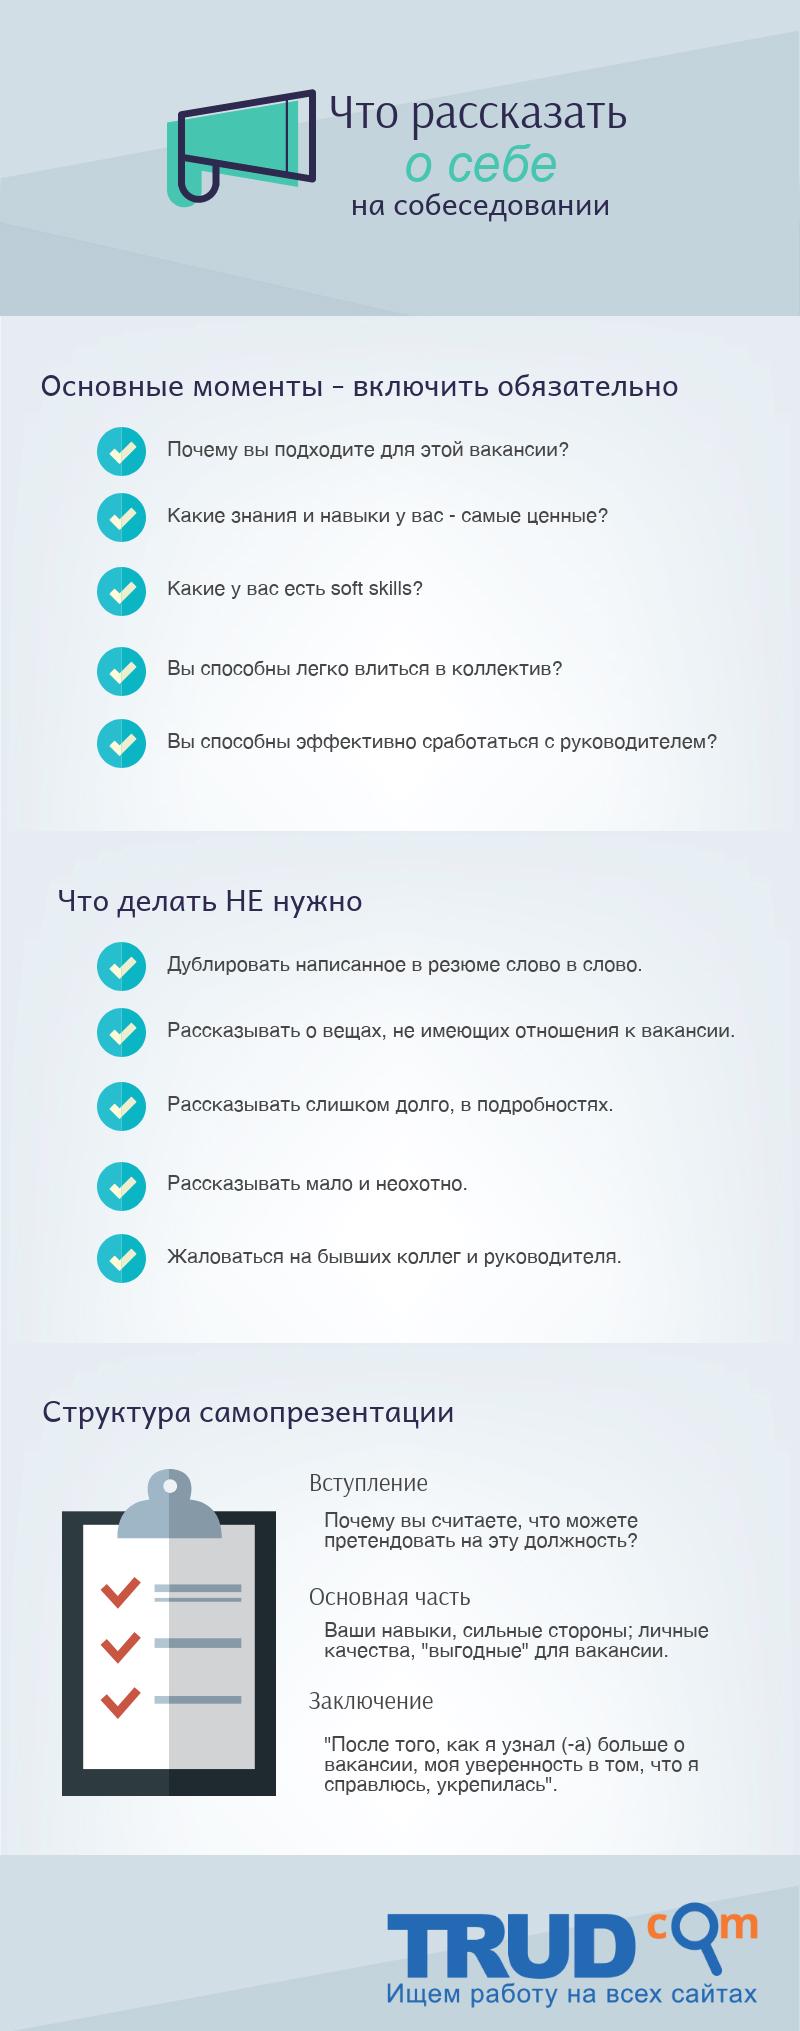 """Инфографика на тему """"Что рассказать о себе на собеседовании"""""""